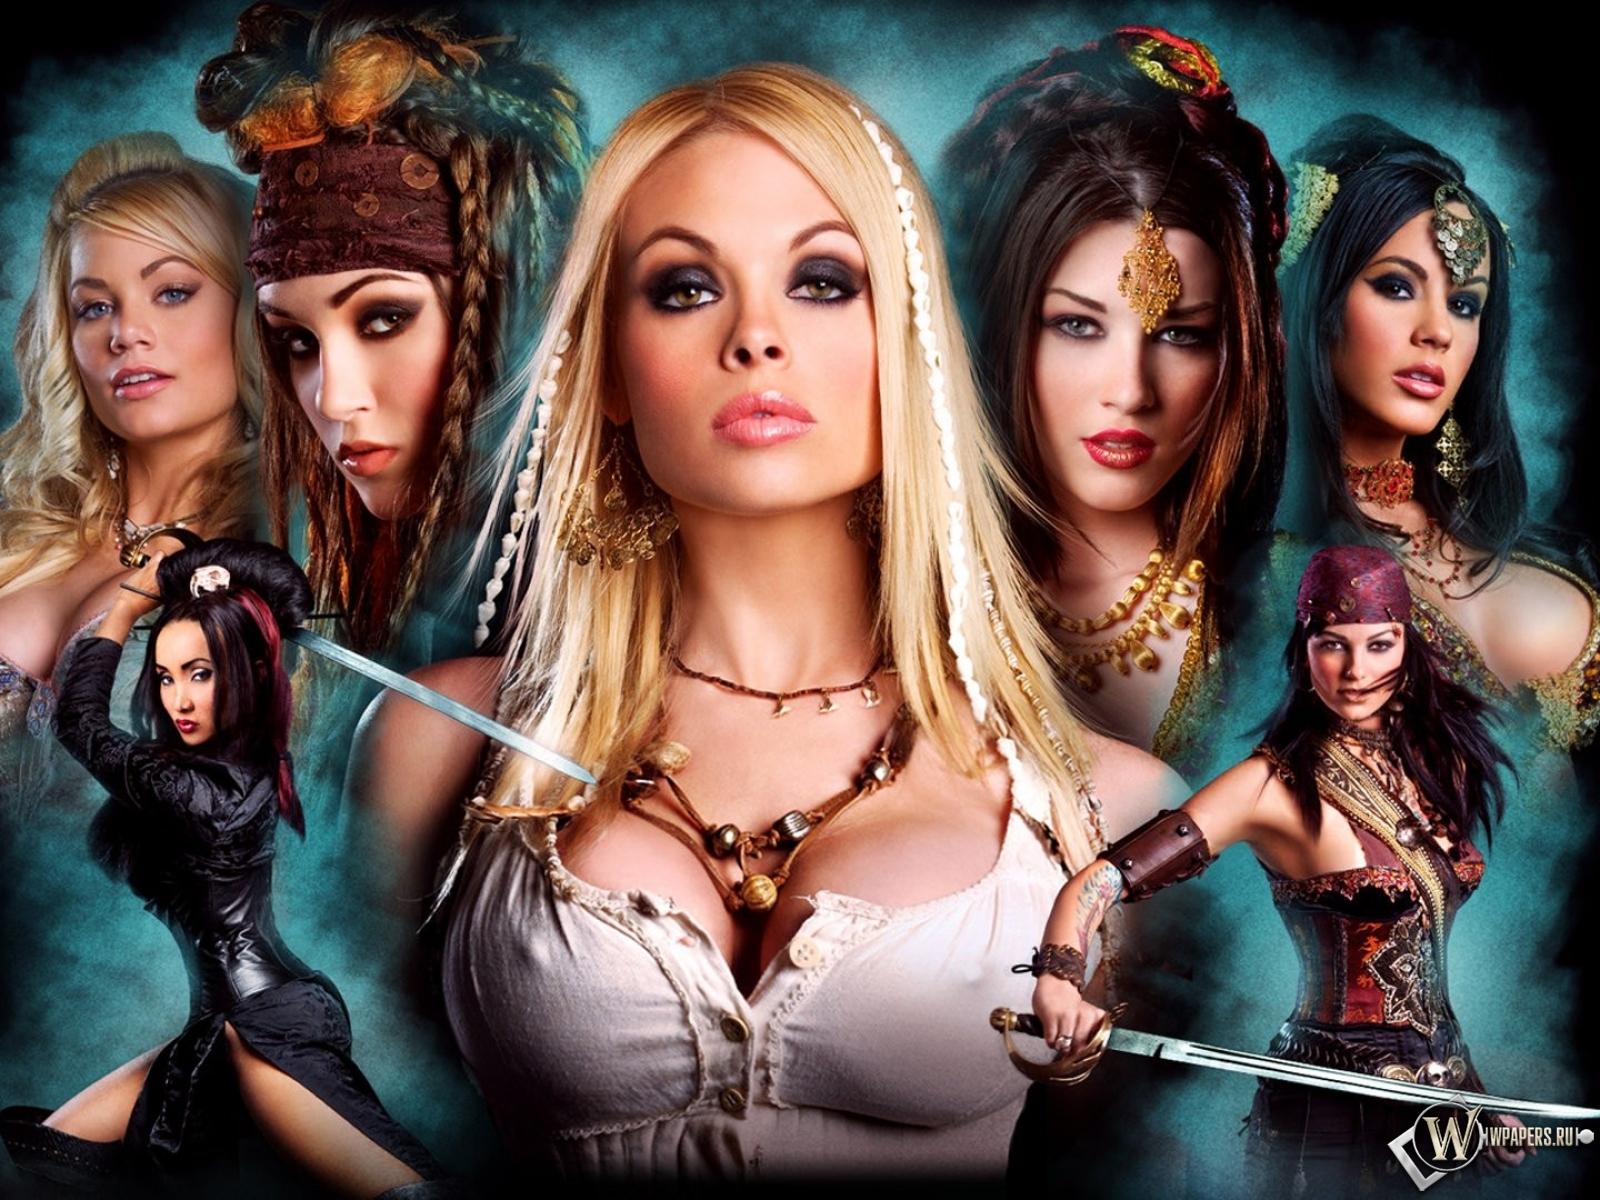 Обои пираты 2 девушки пираты фильм